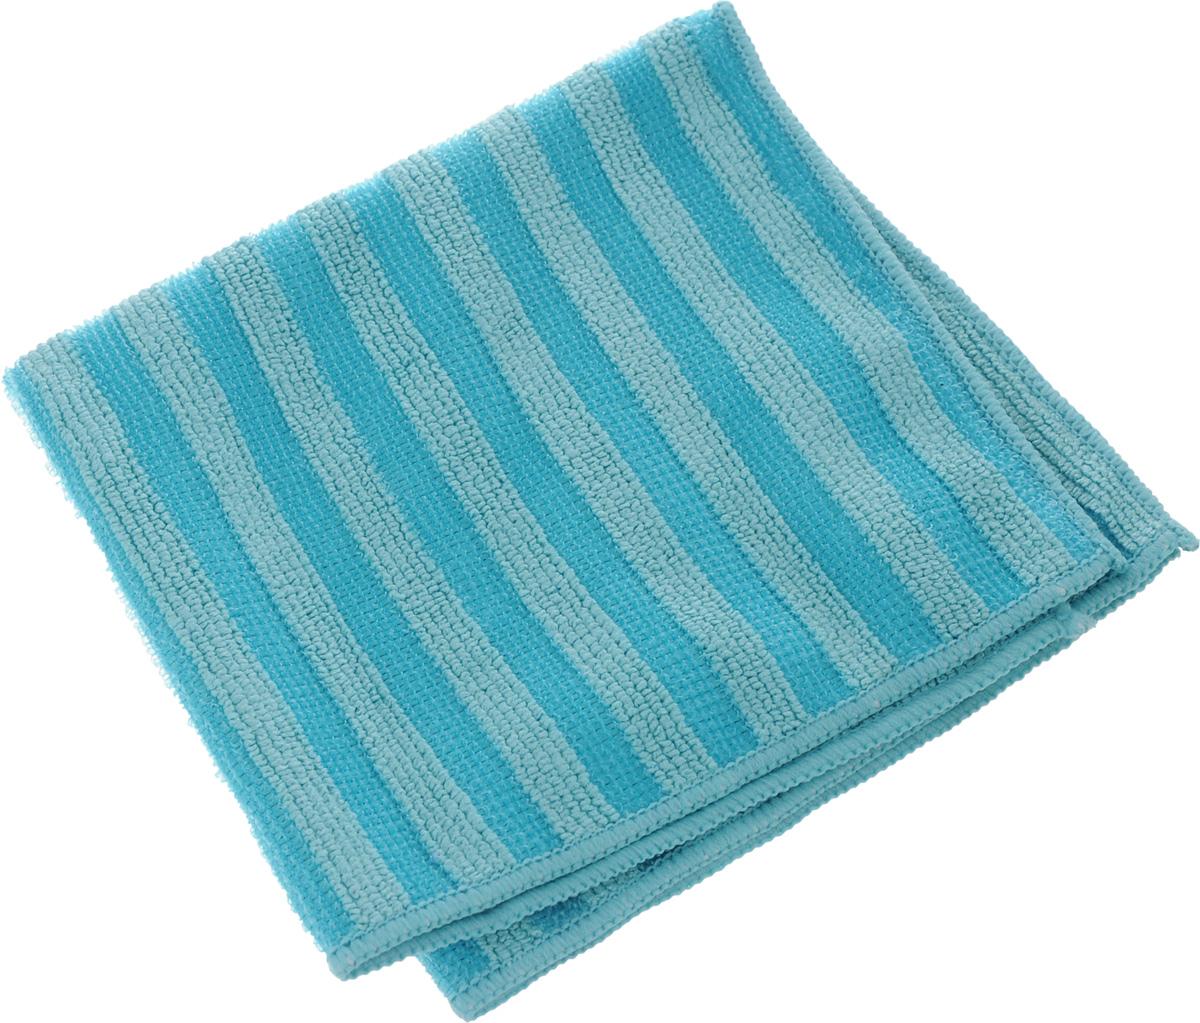 Салфетка Sol Crystal из микрофибры, двухсторонняя, цвет: голубой, 30 x 30 смZ-0307Салфетка Sol Crystal выполнена из микрофибры с разносторонним плетением: одна сторона с абразивными полосками удаляет стойкие загрязнения и известковый налет, другая - мягко полирует поверхности и хорошо впитывает влагу. Можно применять различные моющие средства.Устойчива к деформациям при машинной стирке.Не оставляет разводов и ворсинок.Размер салфетки: 30 х 30 см.